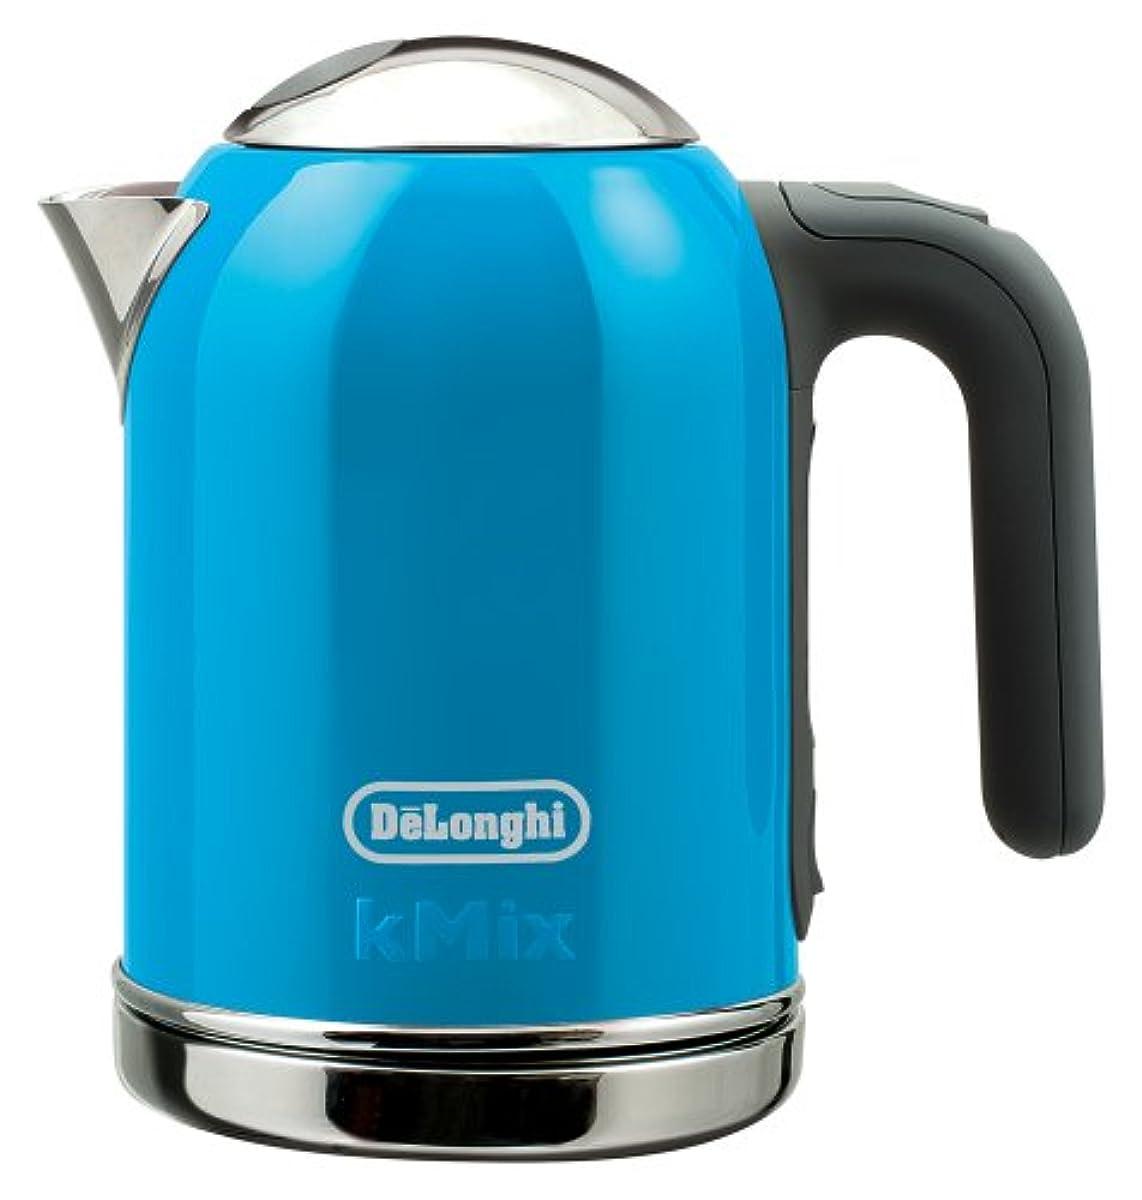 [해외] DELONGHI KMIX(K 믹스) 부티크 전기 주전자(케틀.kettle) 블루 0.75L SJM010J-BL